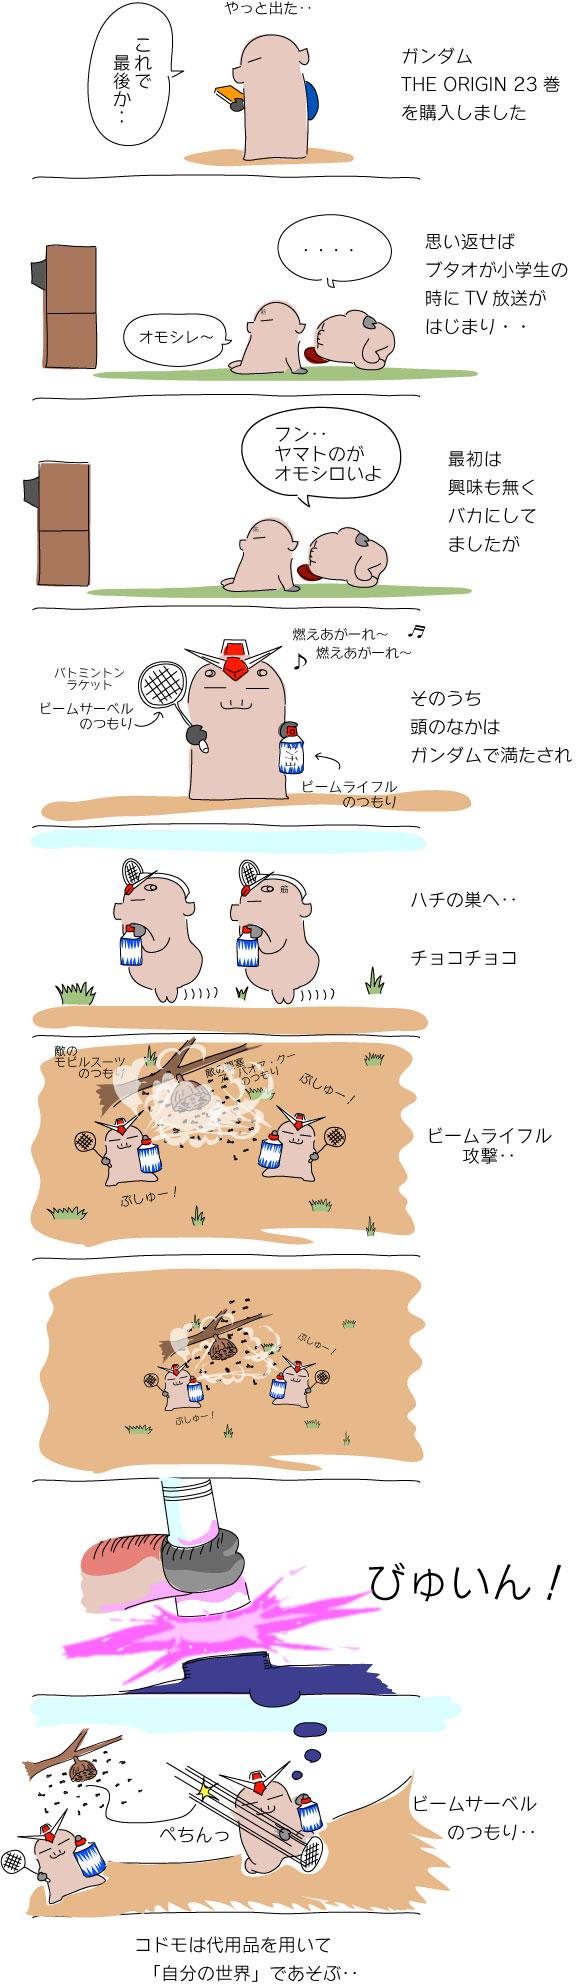 ガンダム23巻